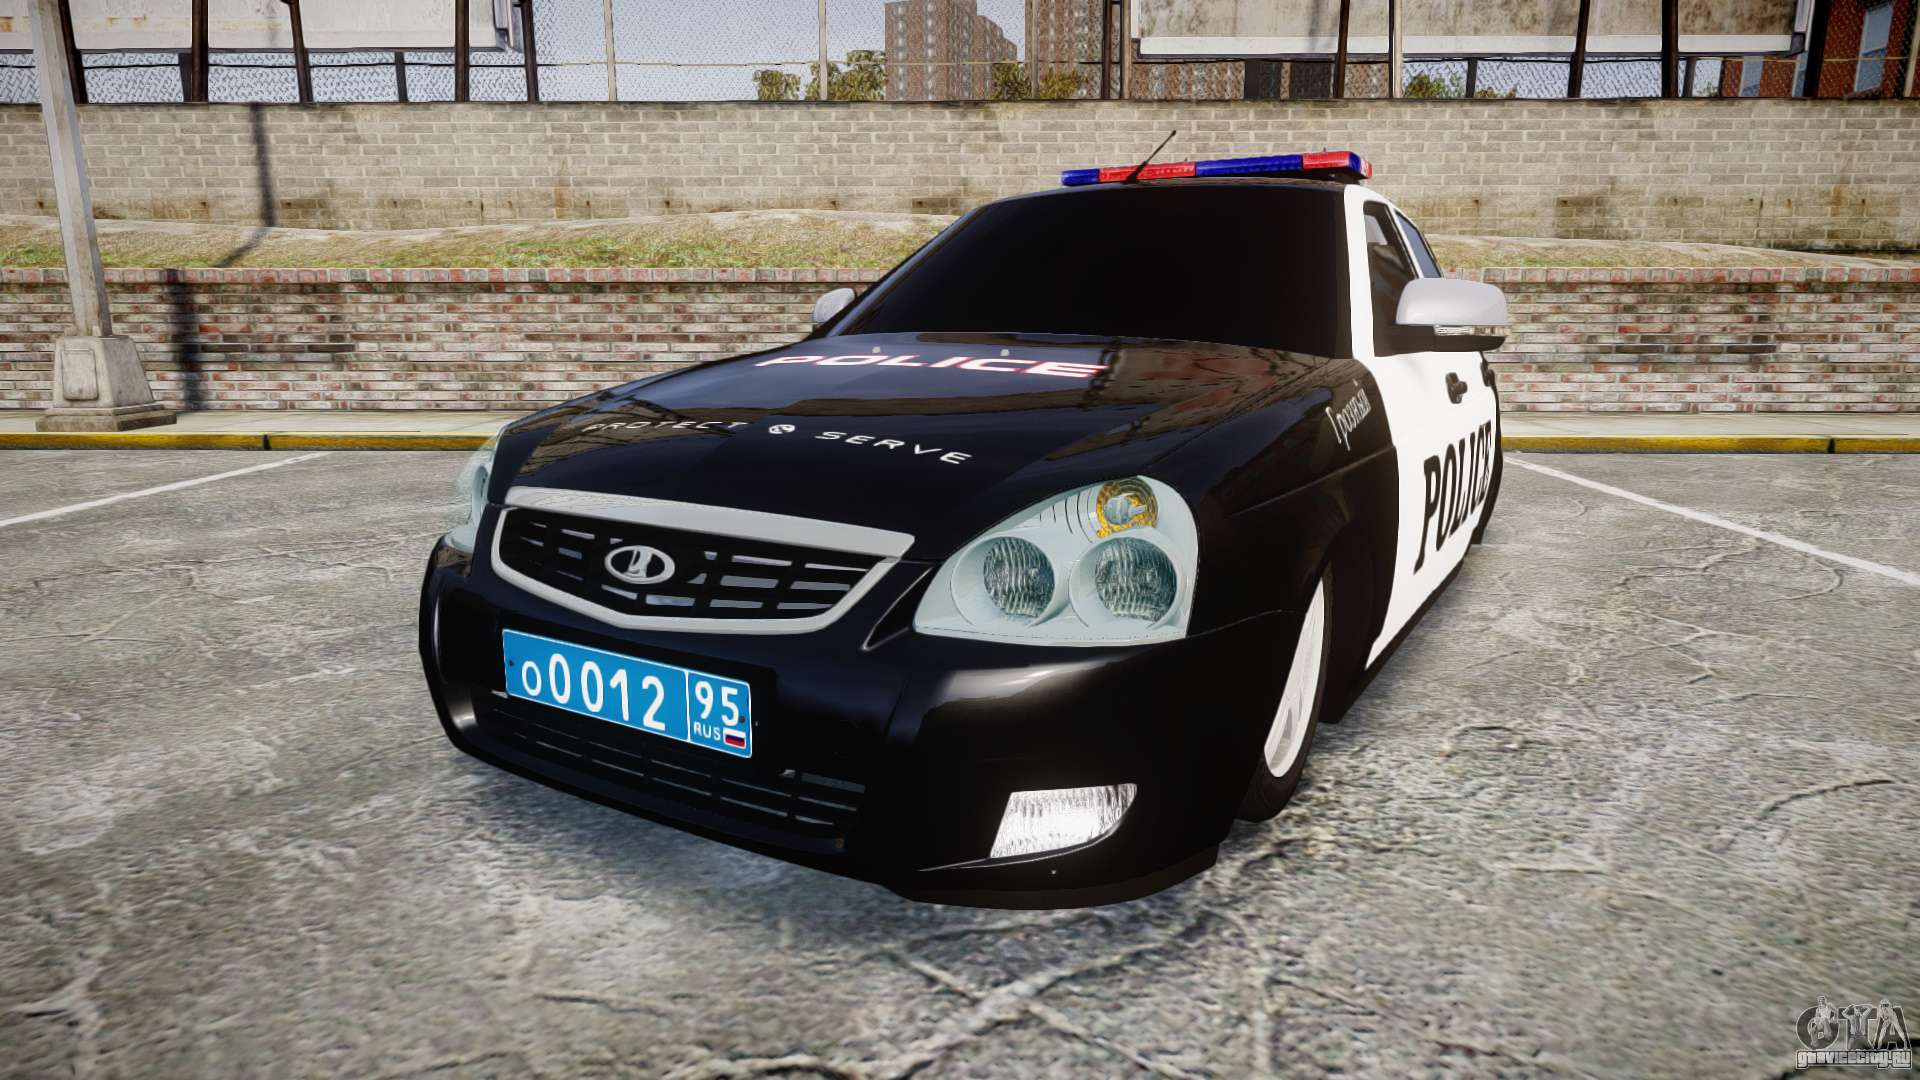 Ваз 2110 дпс (полиция) для gta 4 русские машины для gta iv.